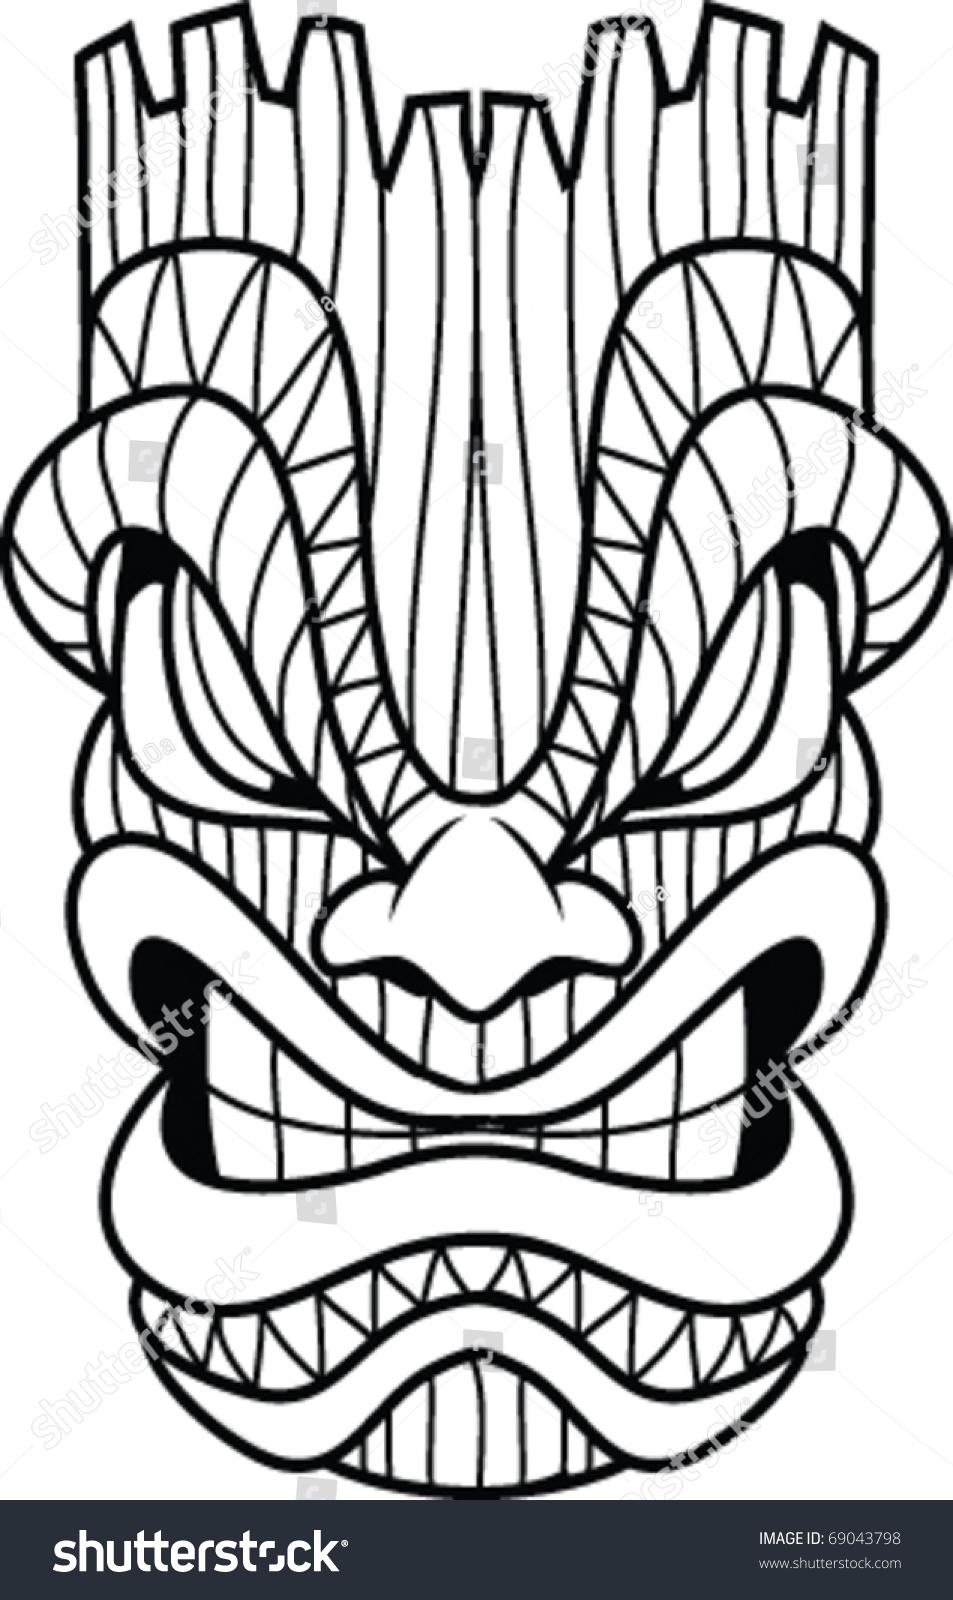 Vector Line Art Tiki Mask Stock Vector 69043798 - Shutterstock